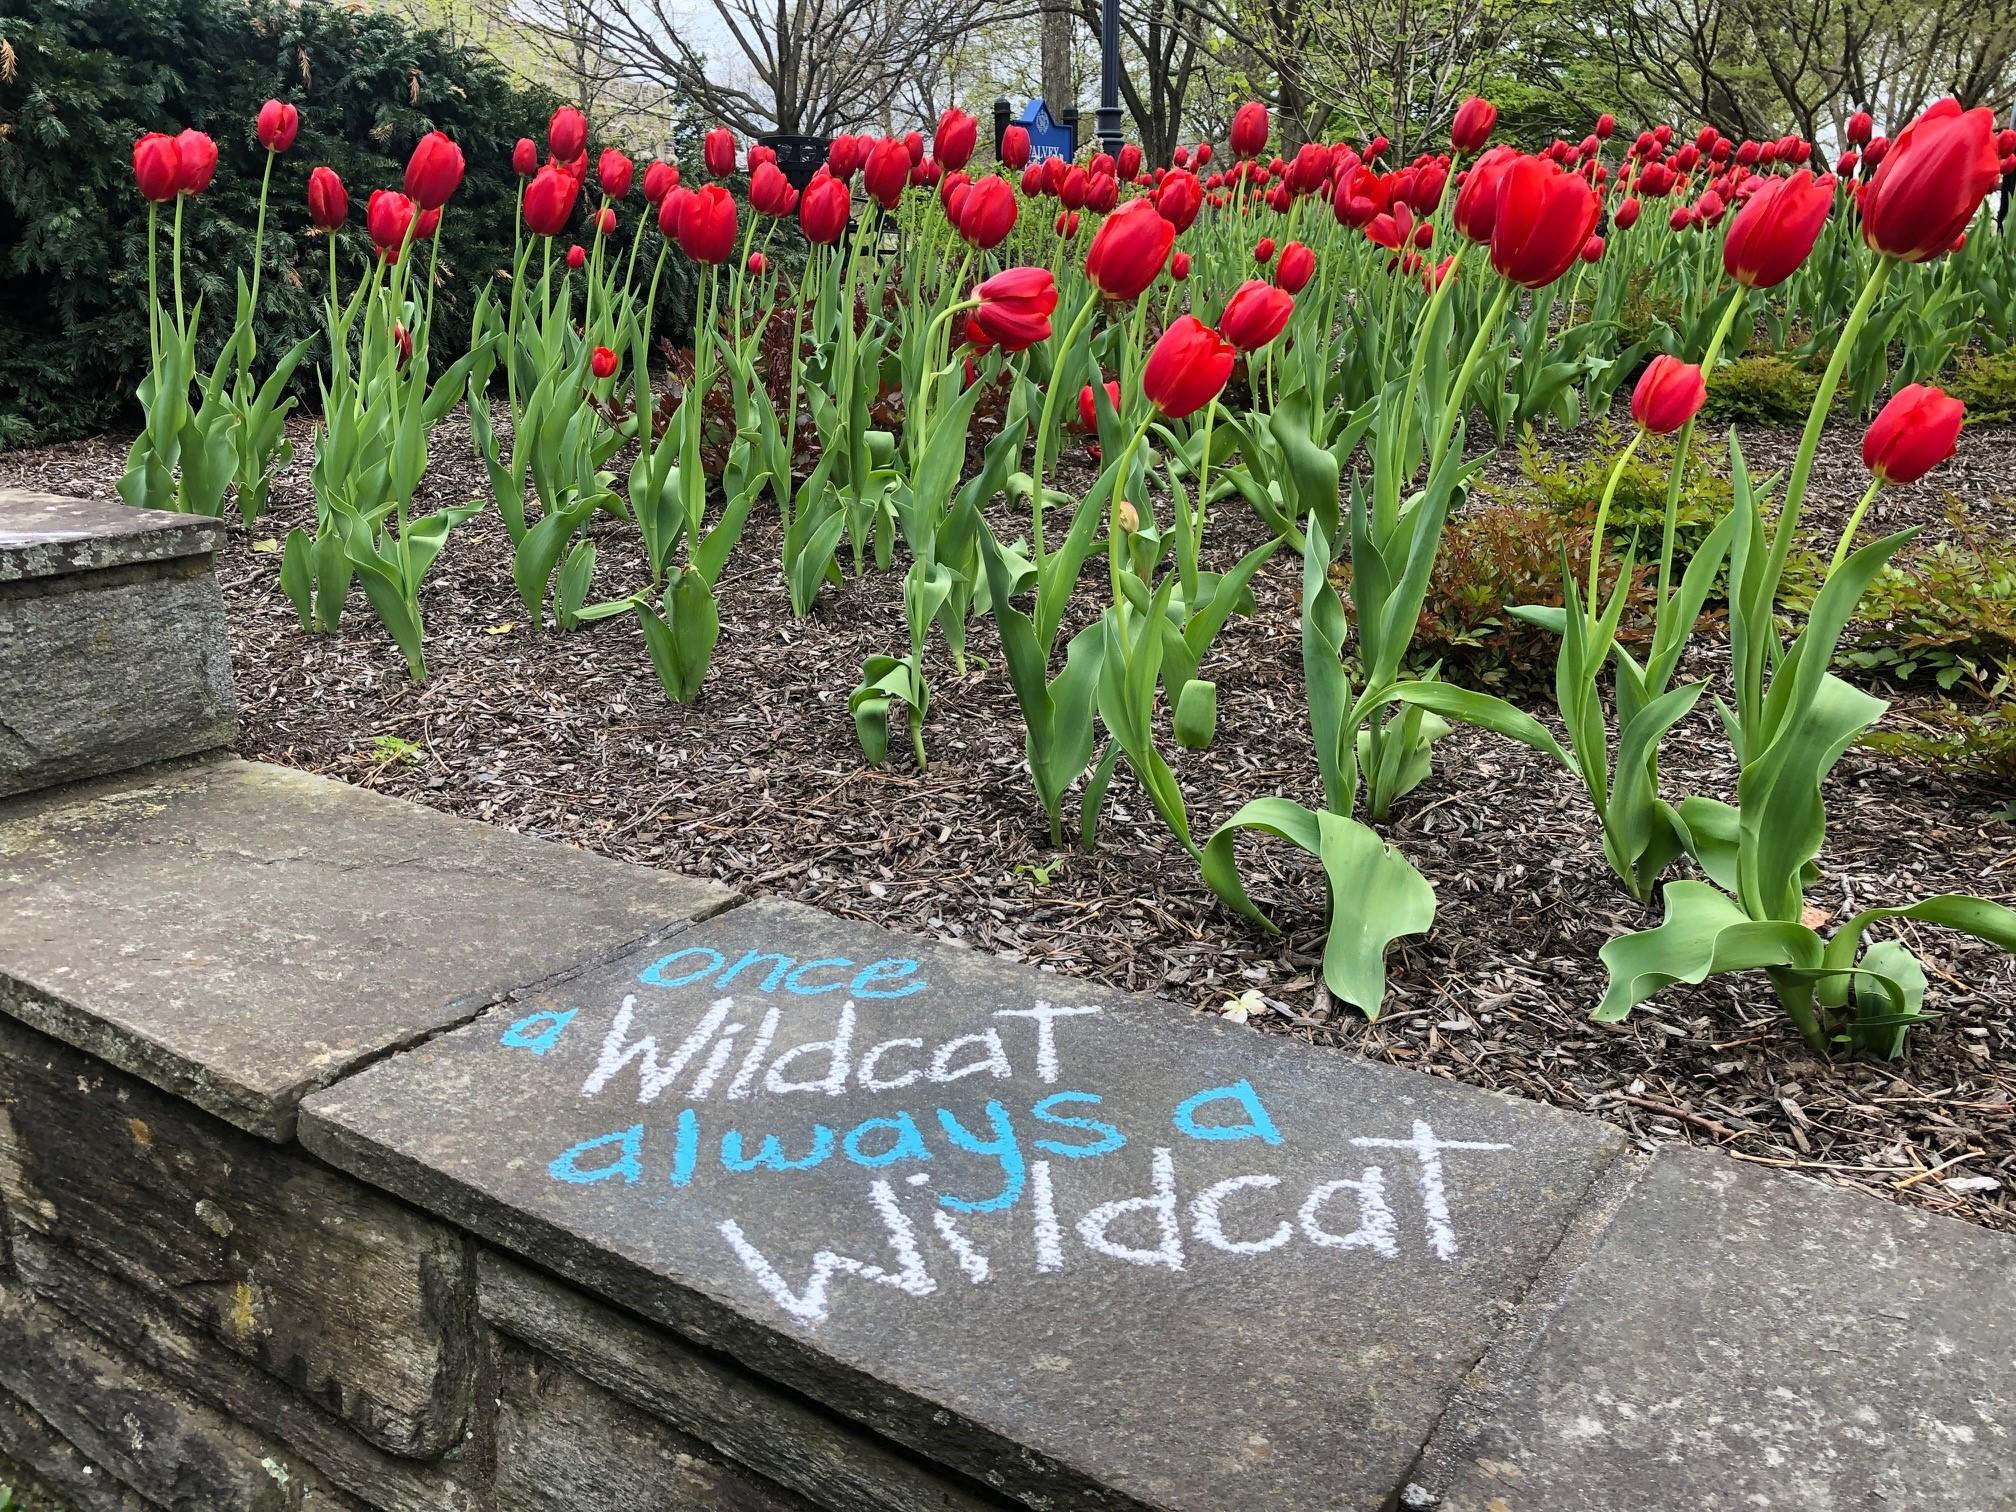 Once a Wildcat Always a Wildcat Chalk art